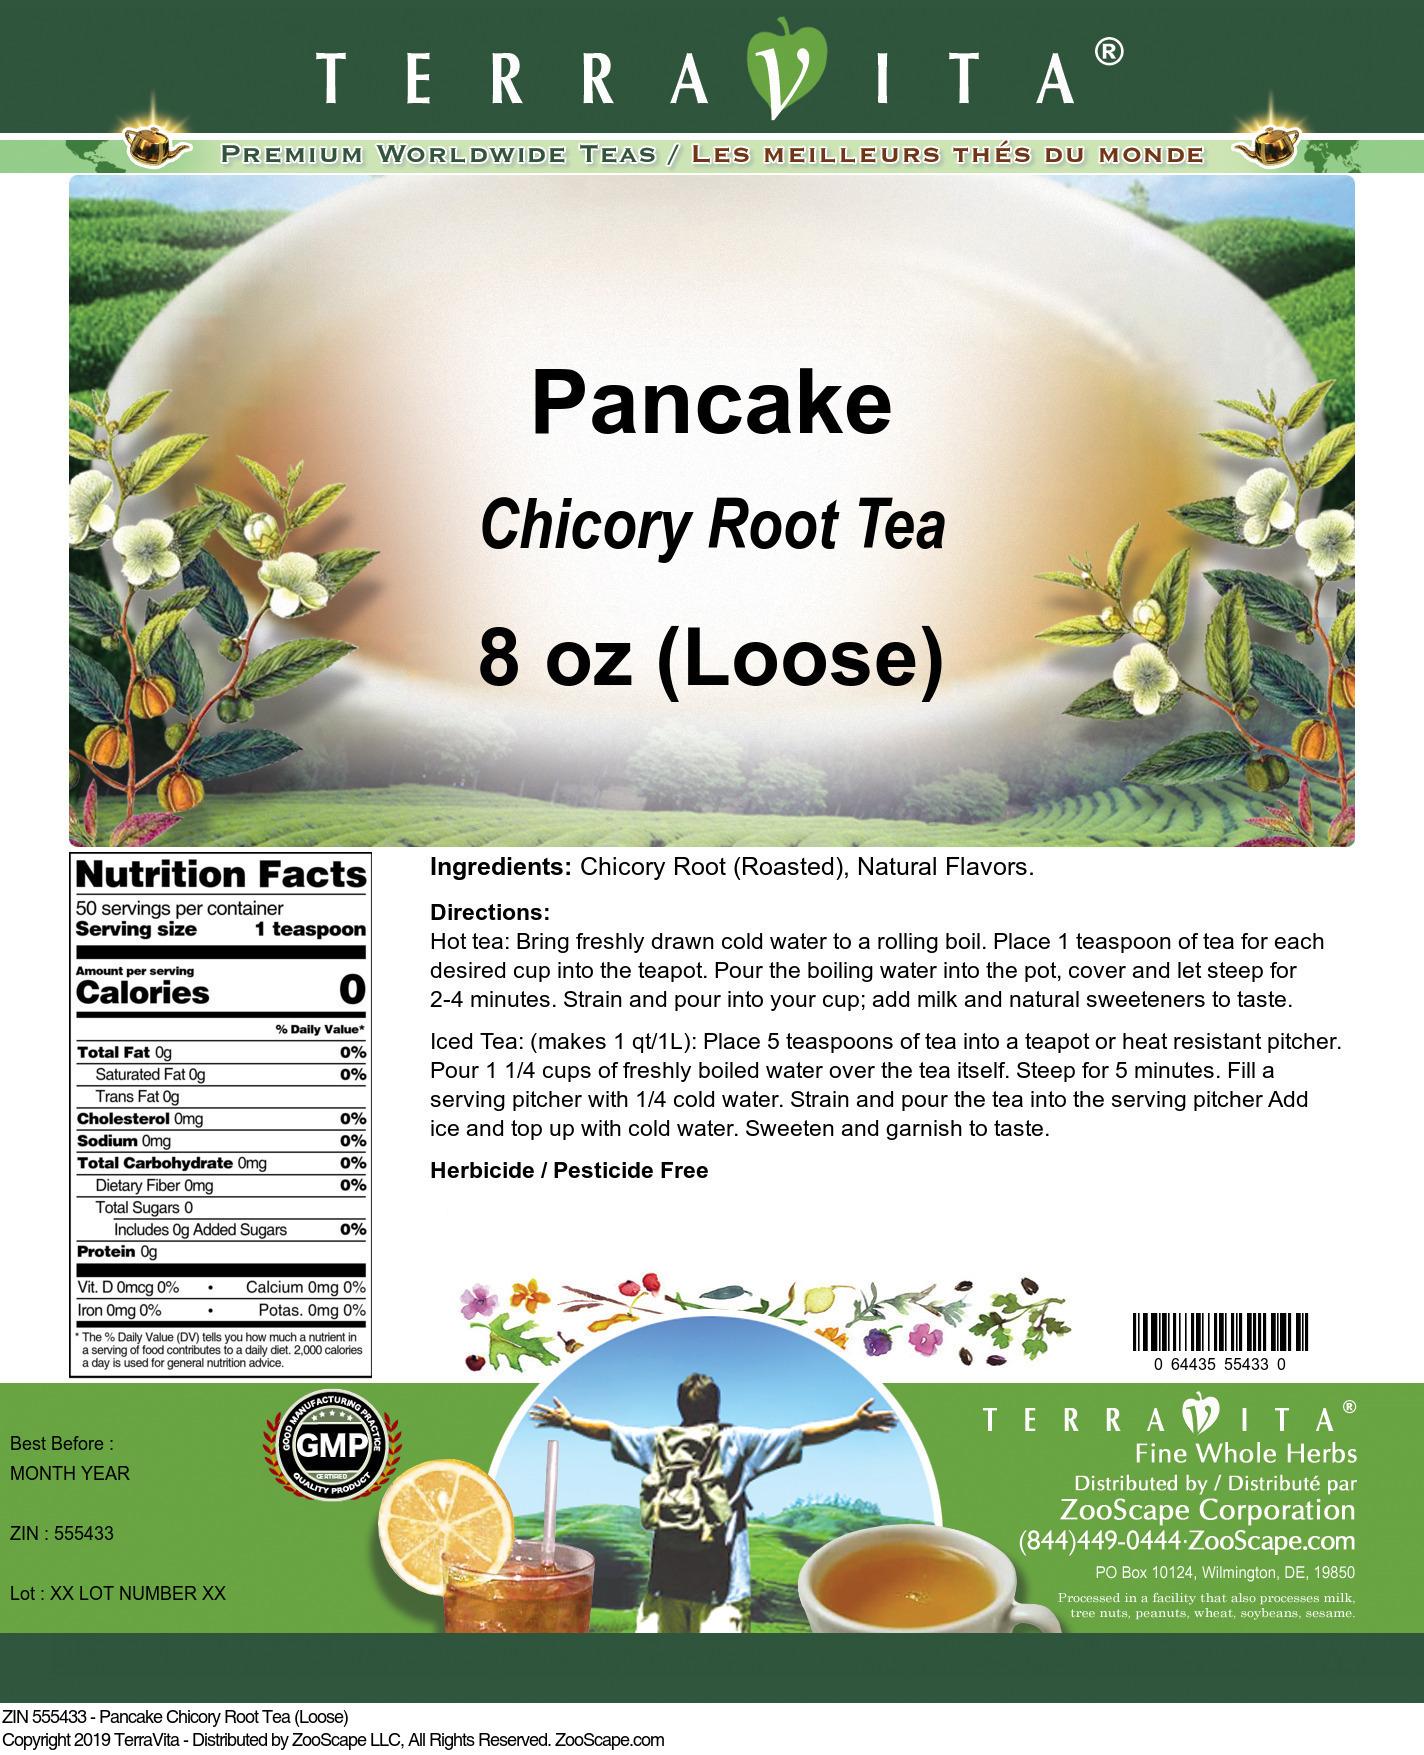 Pancake Chicory Root